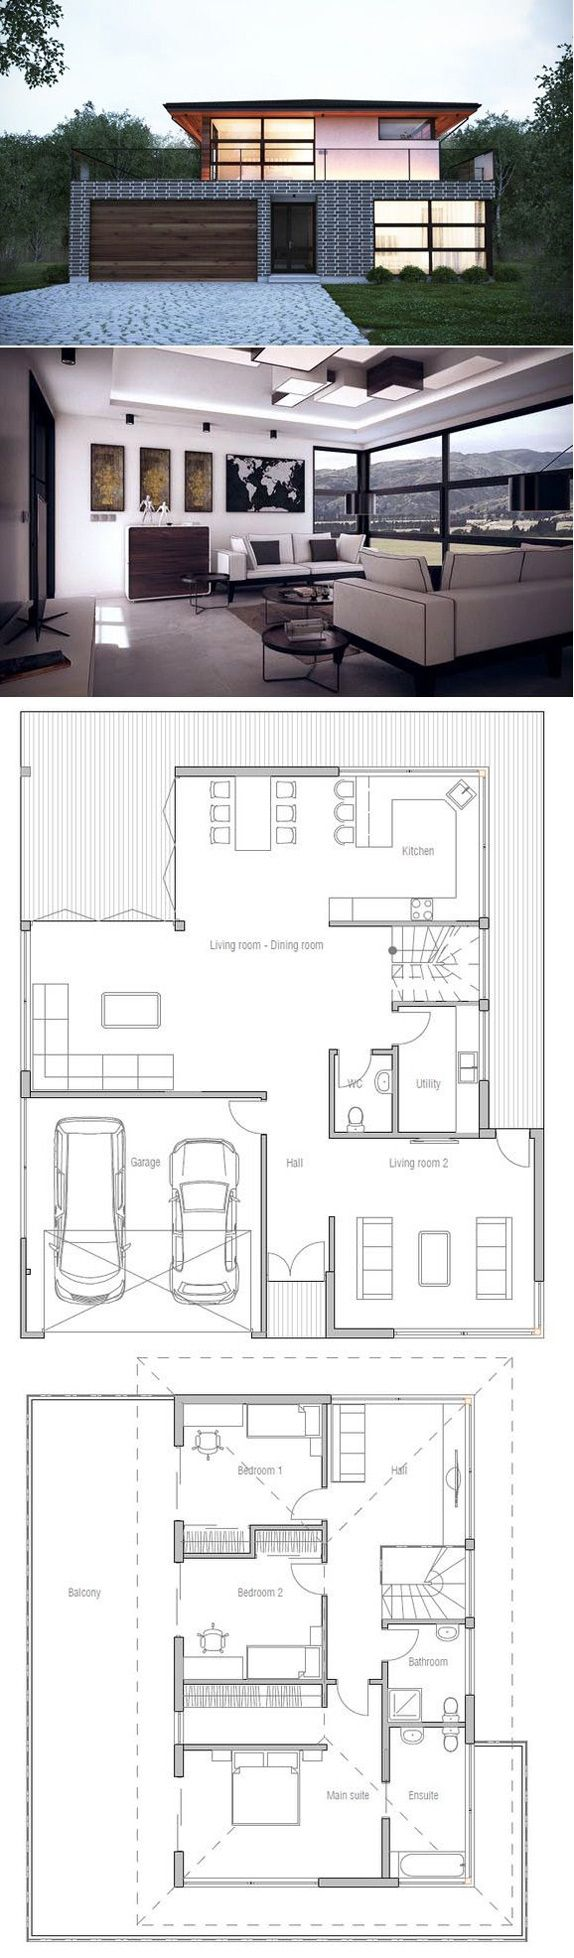 Plan De Maison Ch238 Maison Sims Plan Maison Maison